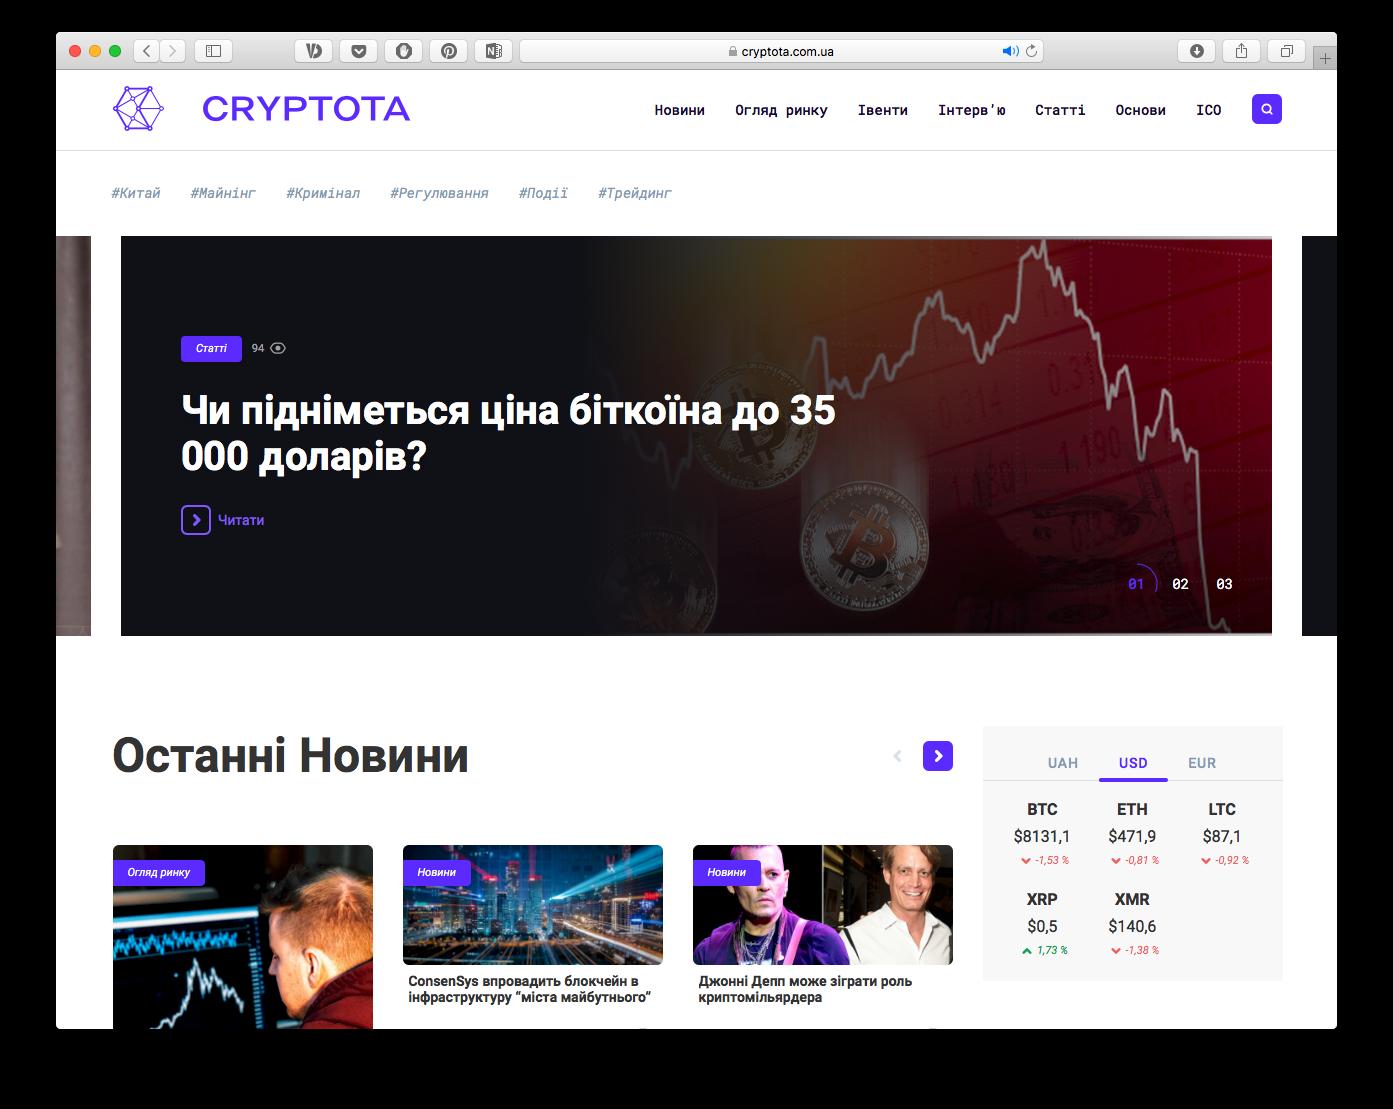 Запустилося нове україномовне онлайн-видання про криптовалюти